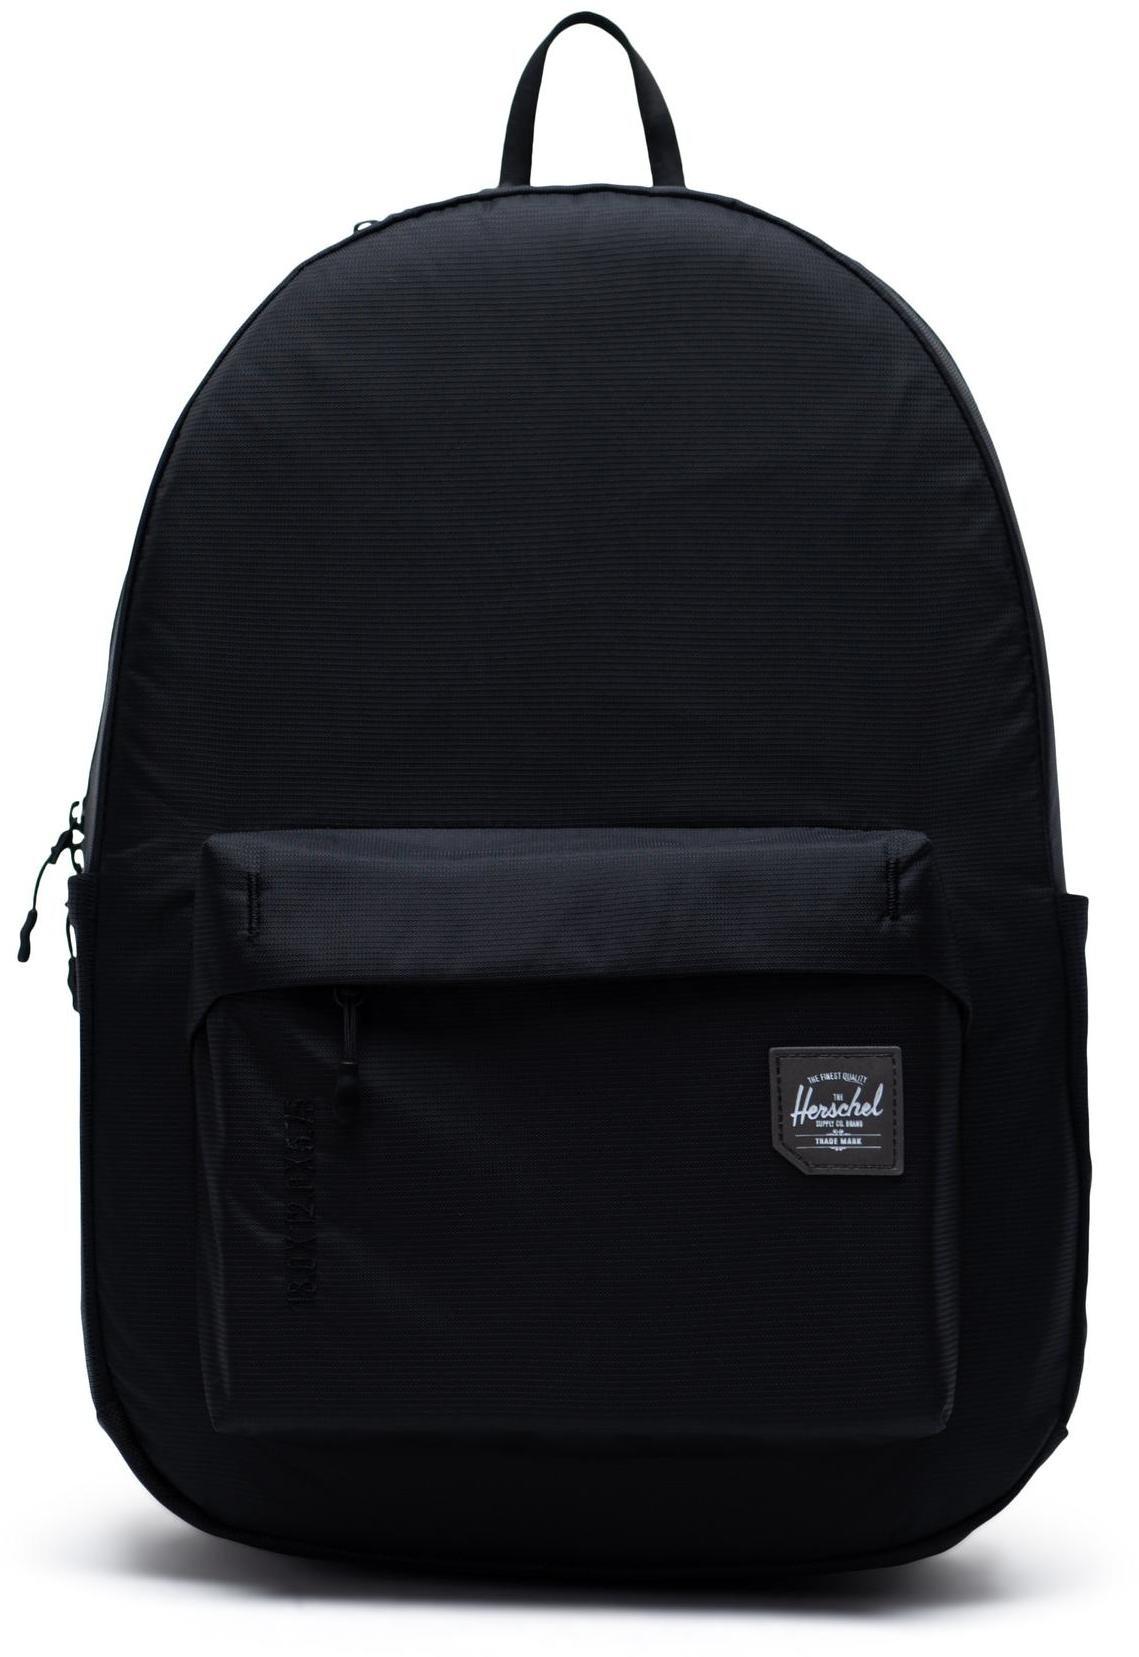 Herschel Rundle Backpack 24,5l, black (2019)   Rygsæk og rejsetasker